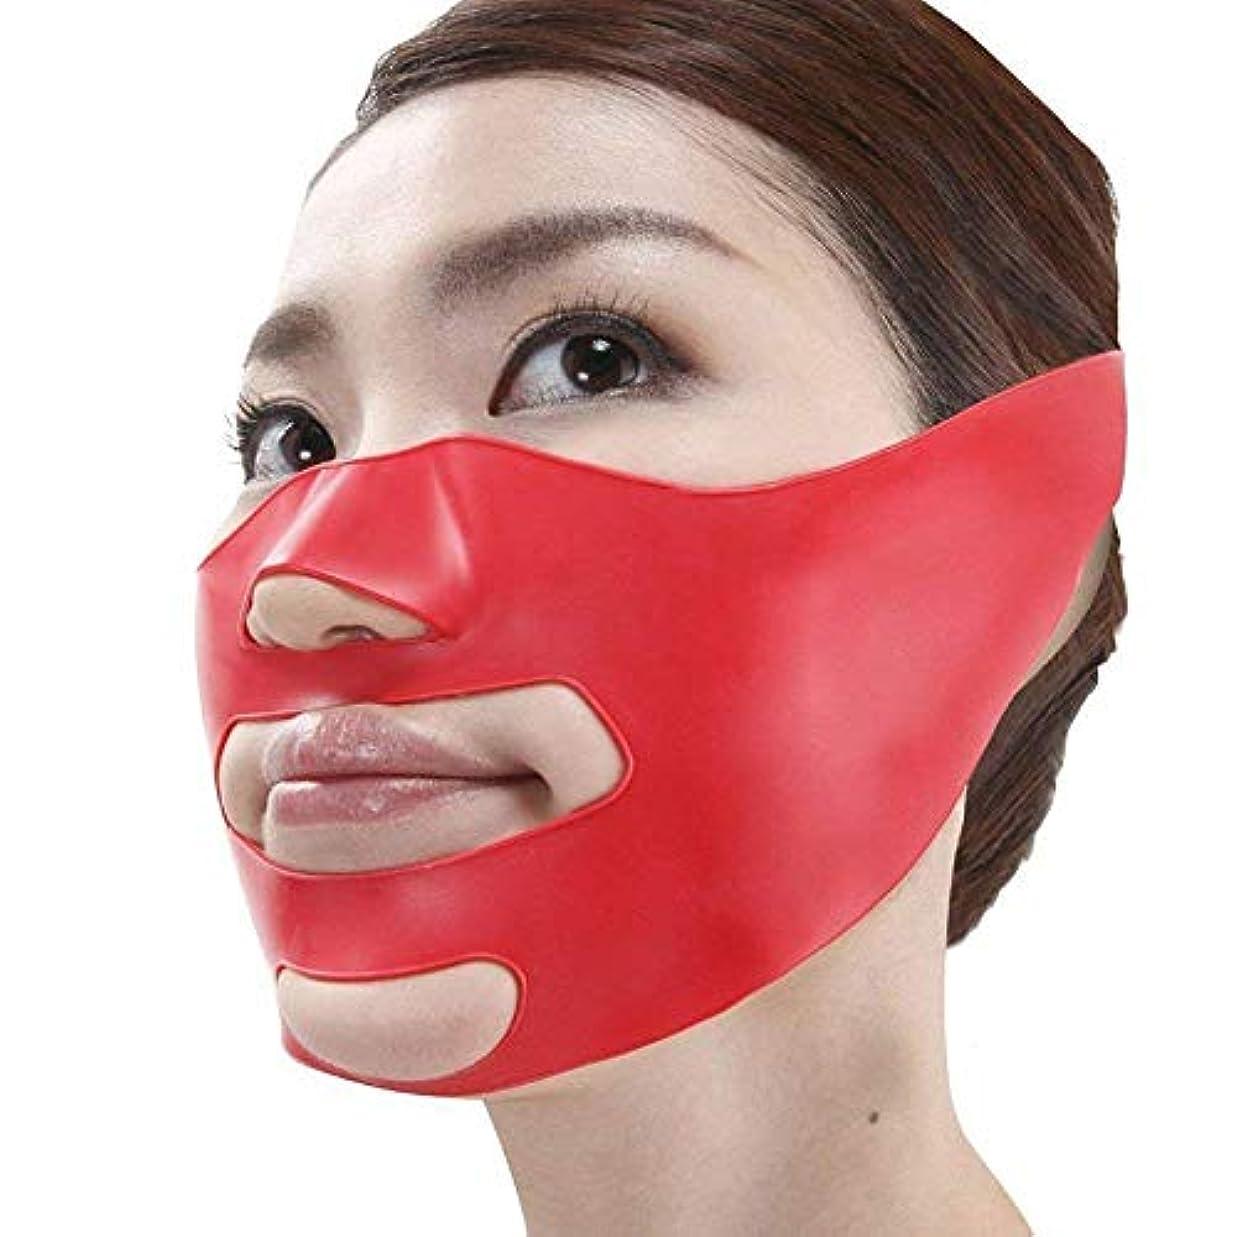 平和正確に転用小顔矯正 マスク 小顔補正ベルト ほうれい線 リフトスリムマスク 3Dエクササイズマスク 法令線予防 抗シワ サウナマスク 美容グッ (フリーサイズ)